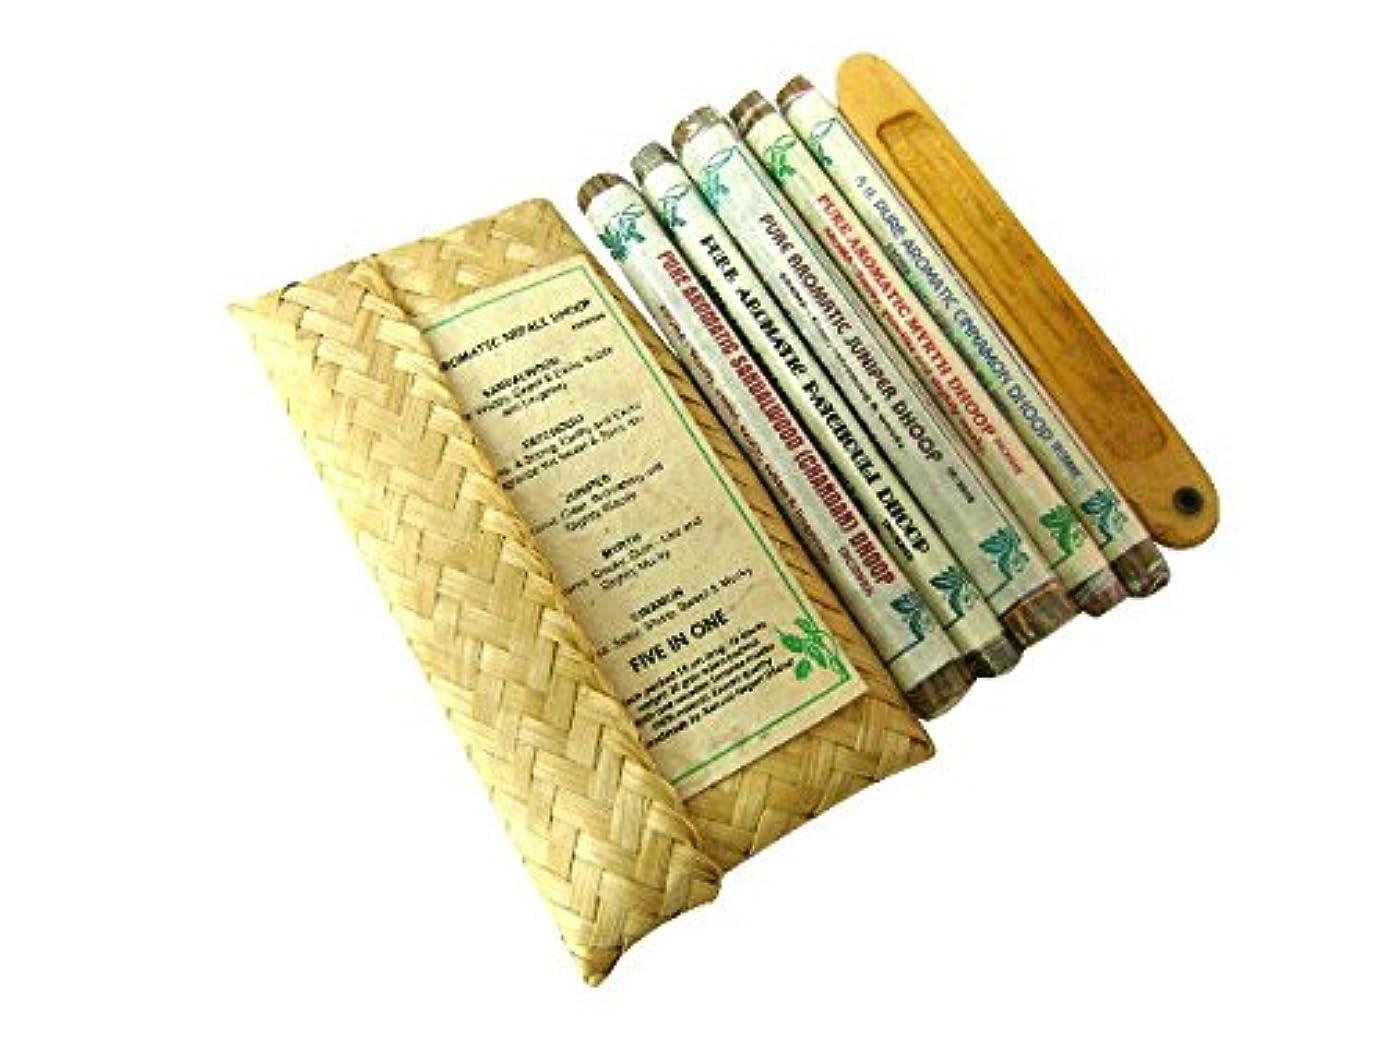 滅多慣性面白いアロマティックドープ ティックドープ【5 in one gift pack お香たて付】